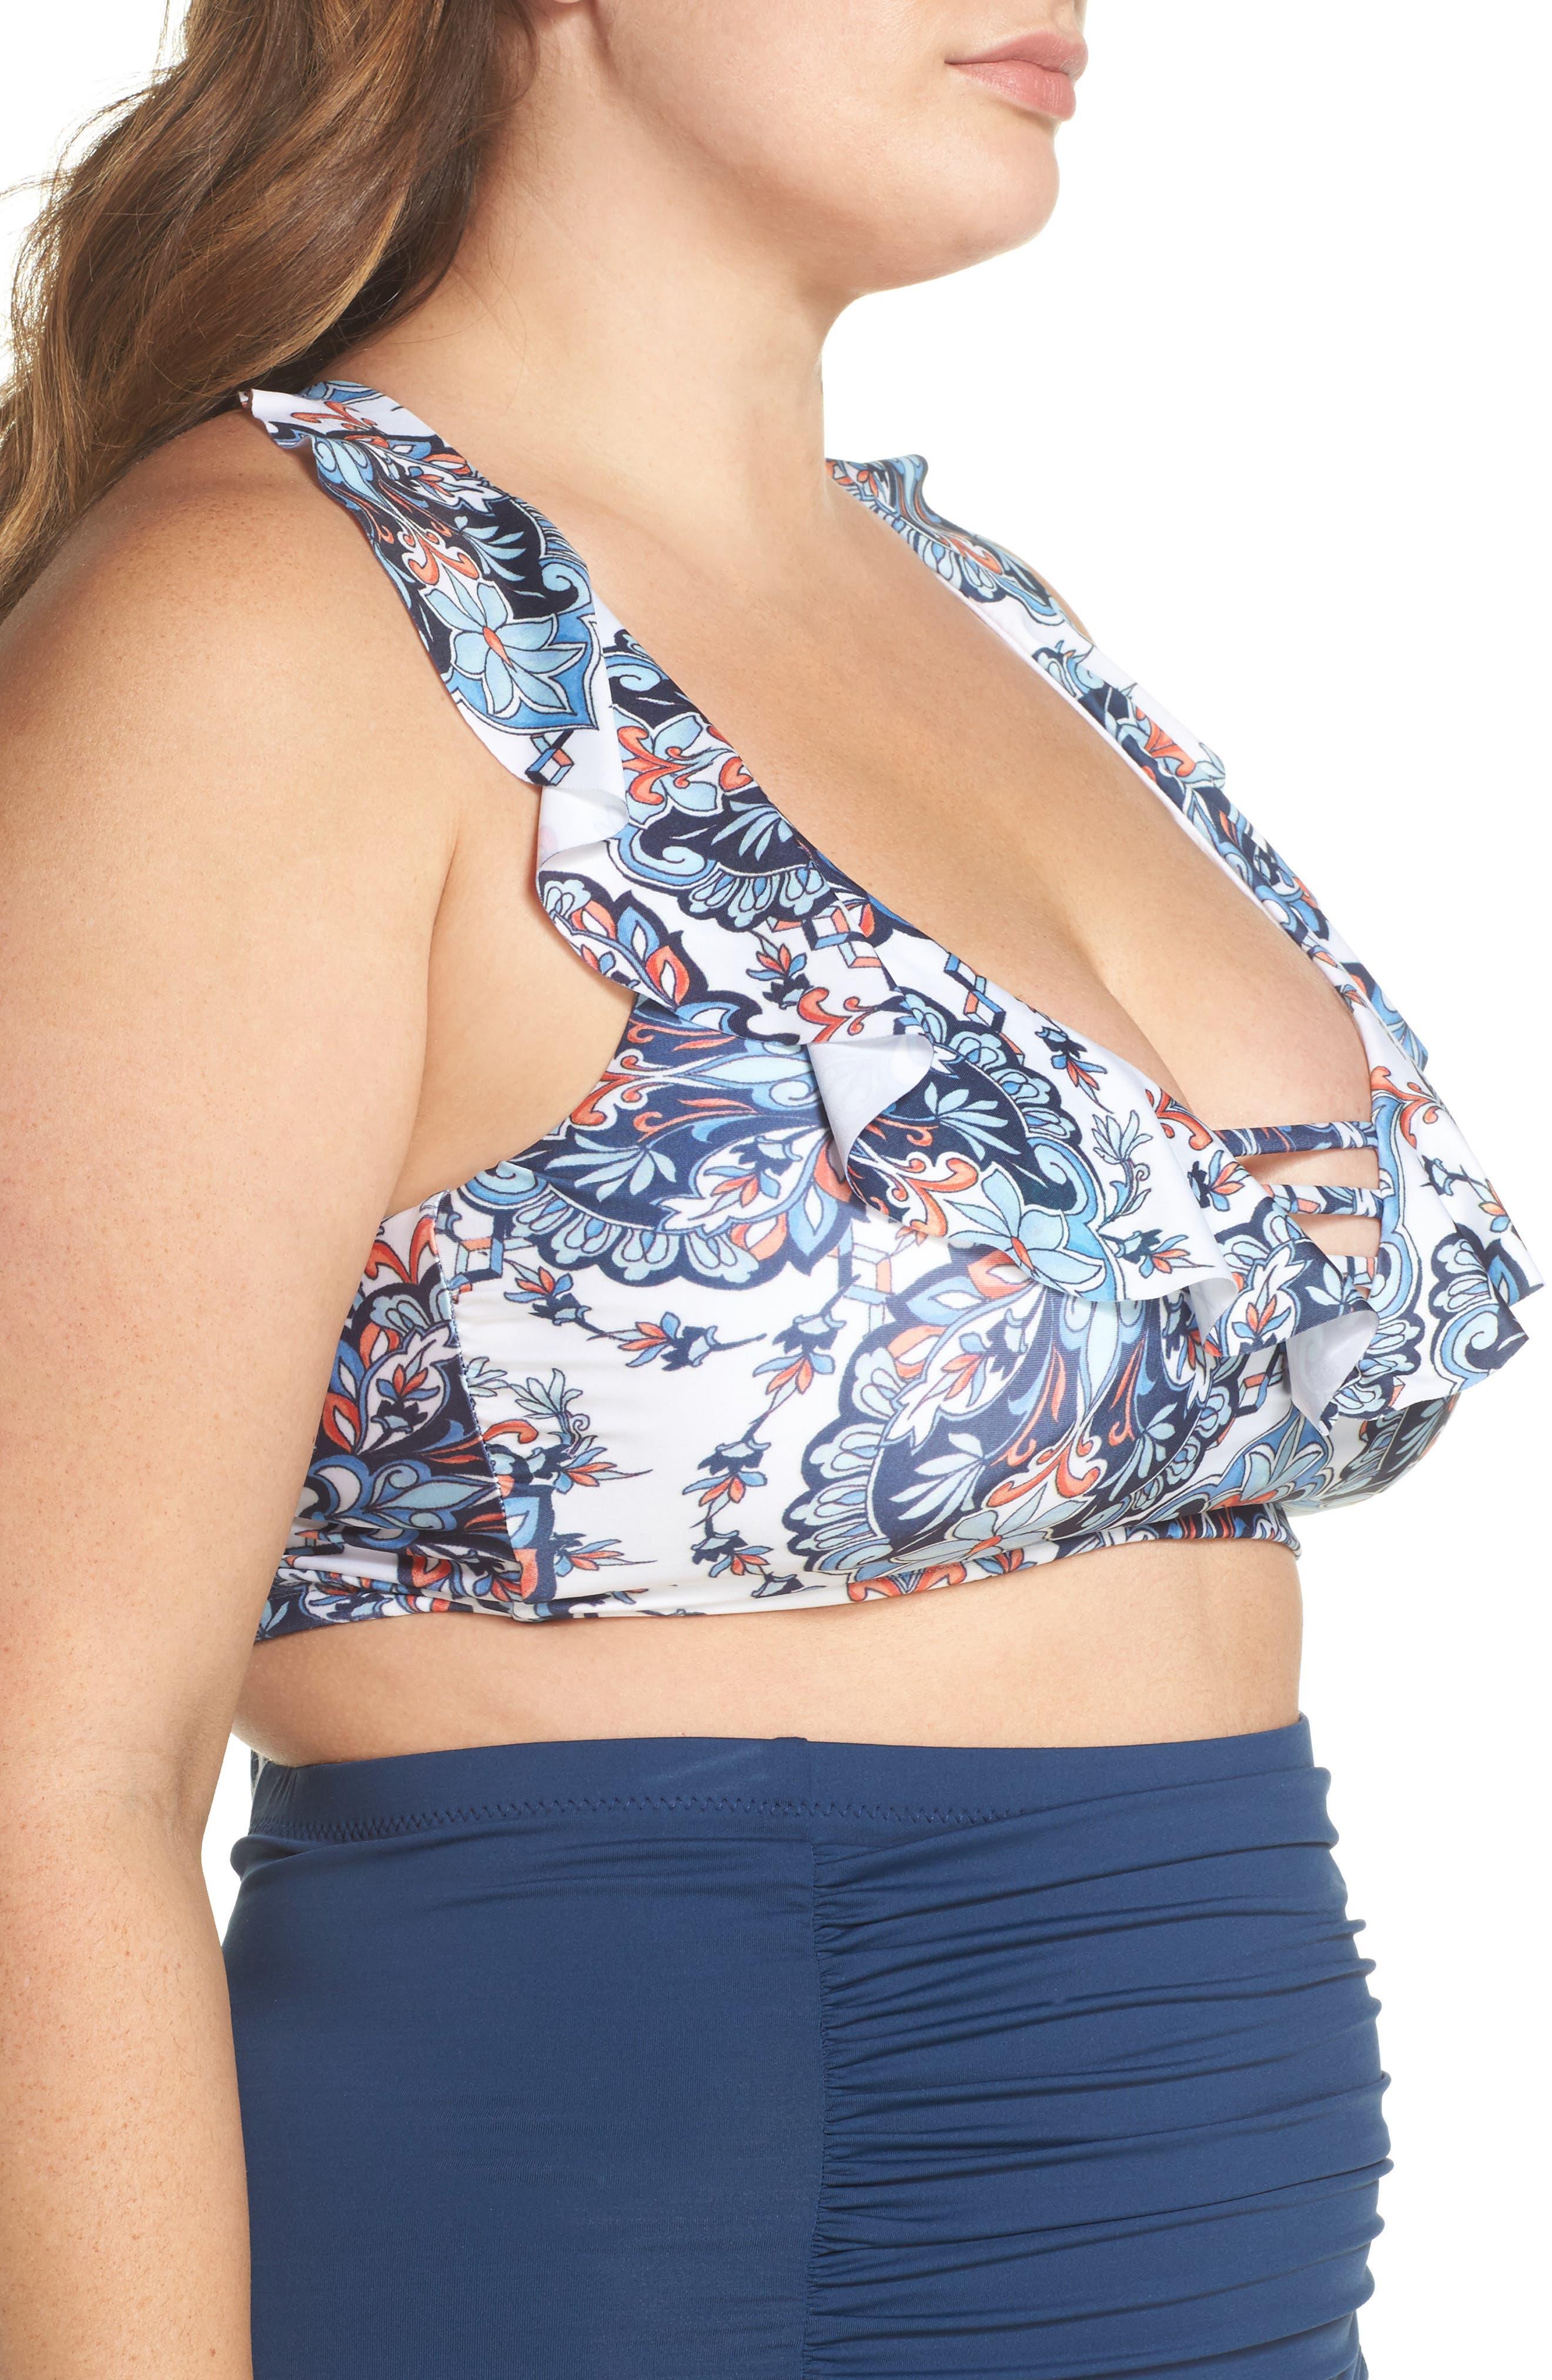 Naples Ruffle Bikini Top,                             Alternate thumbnail 3, color,                             Navy Multi